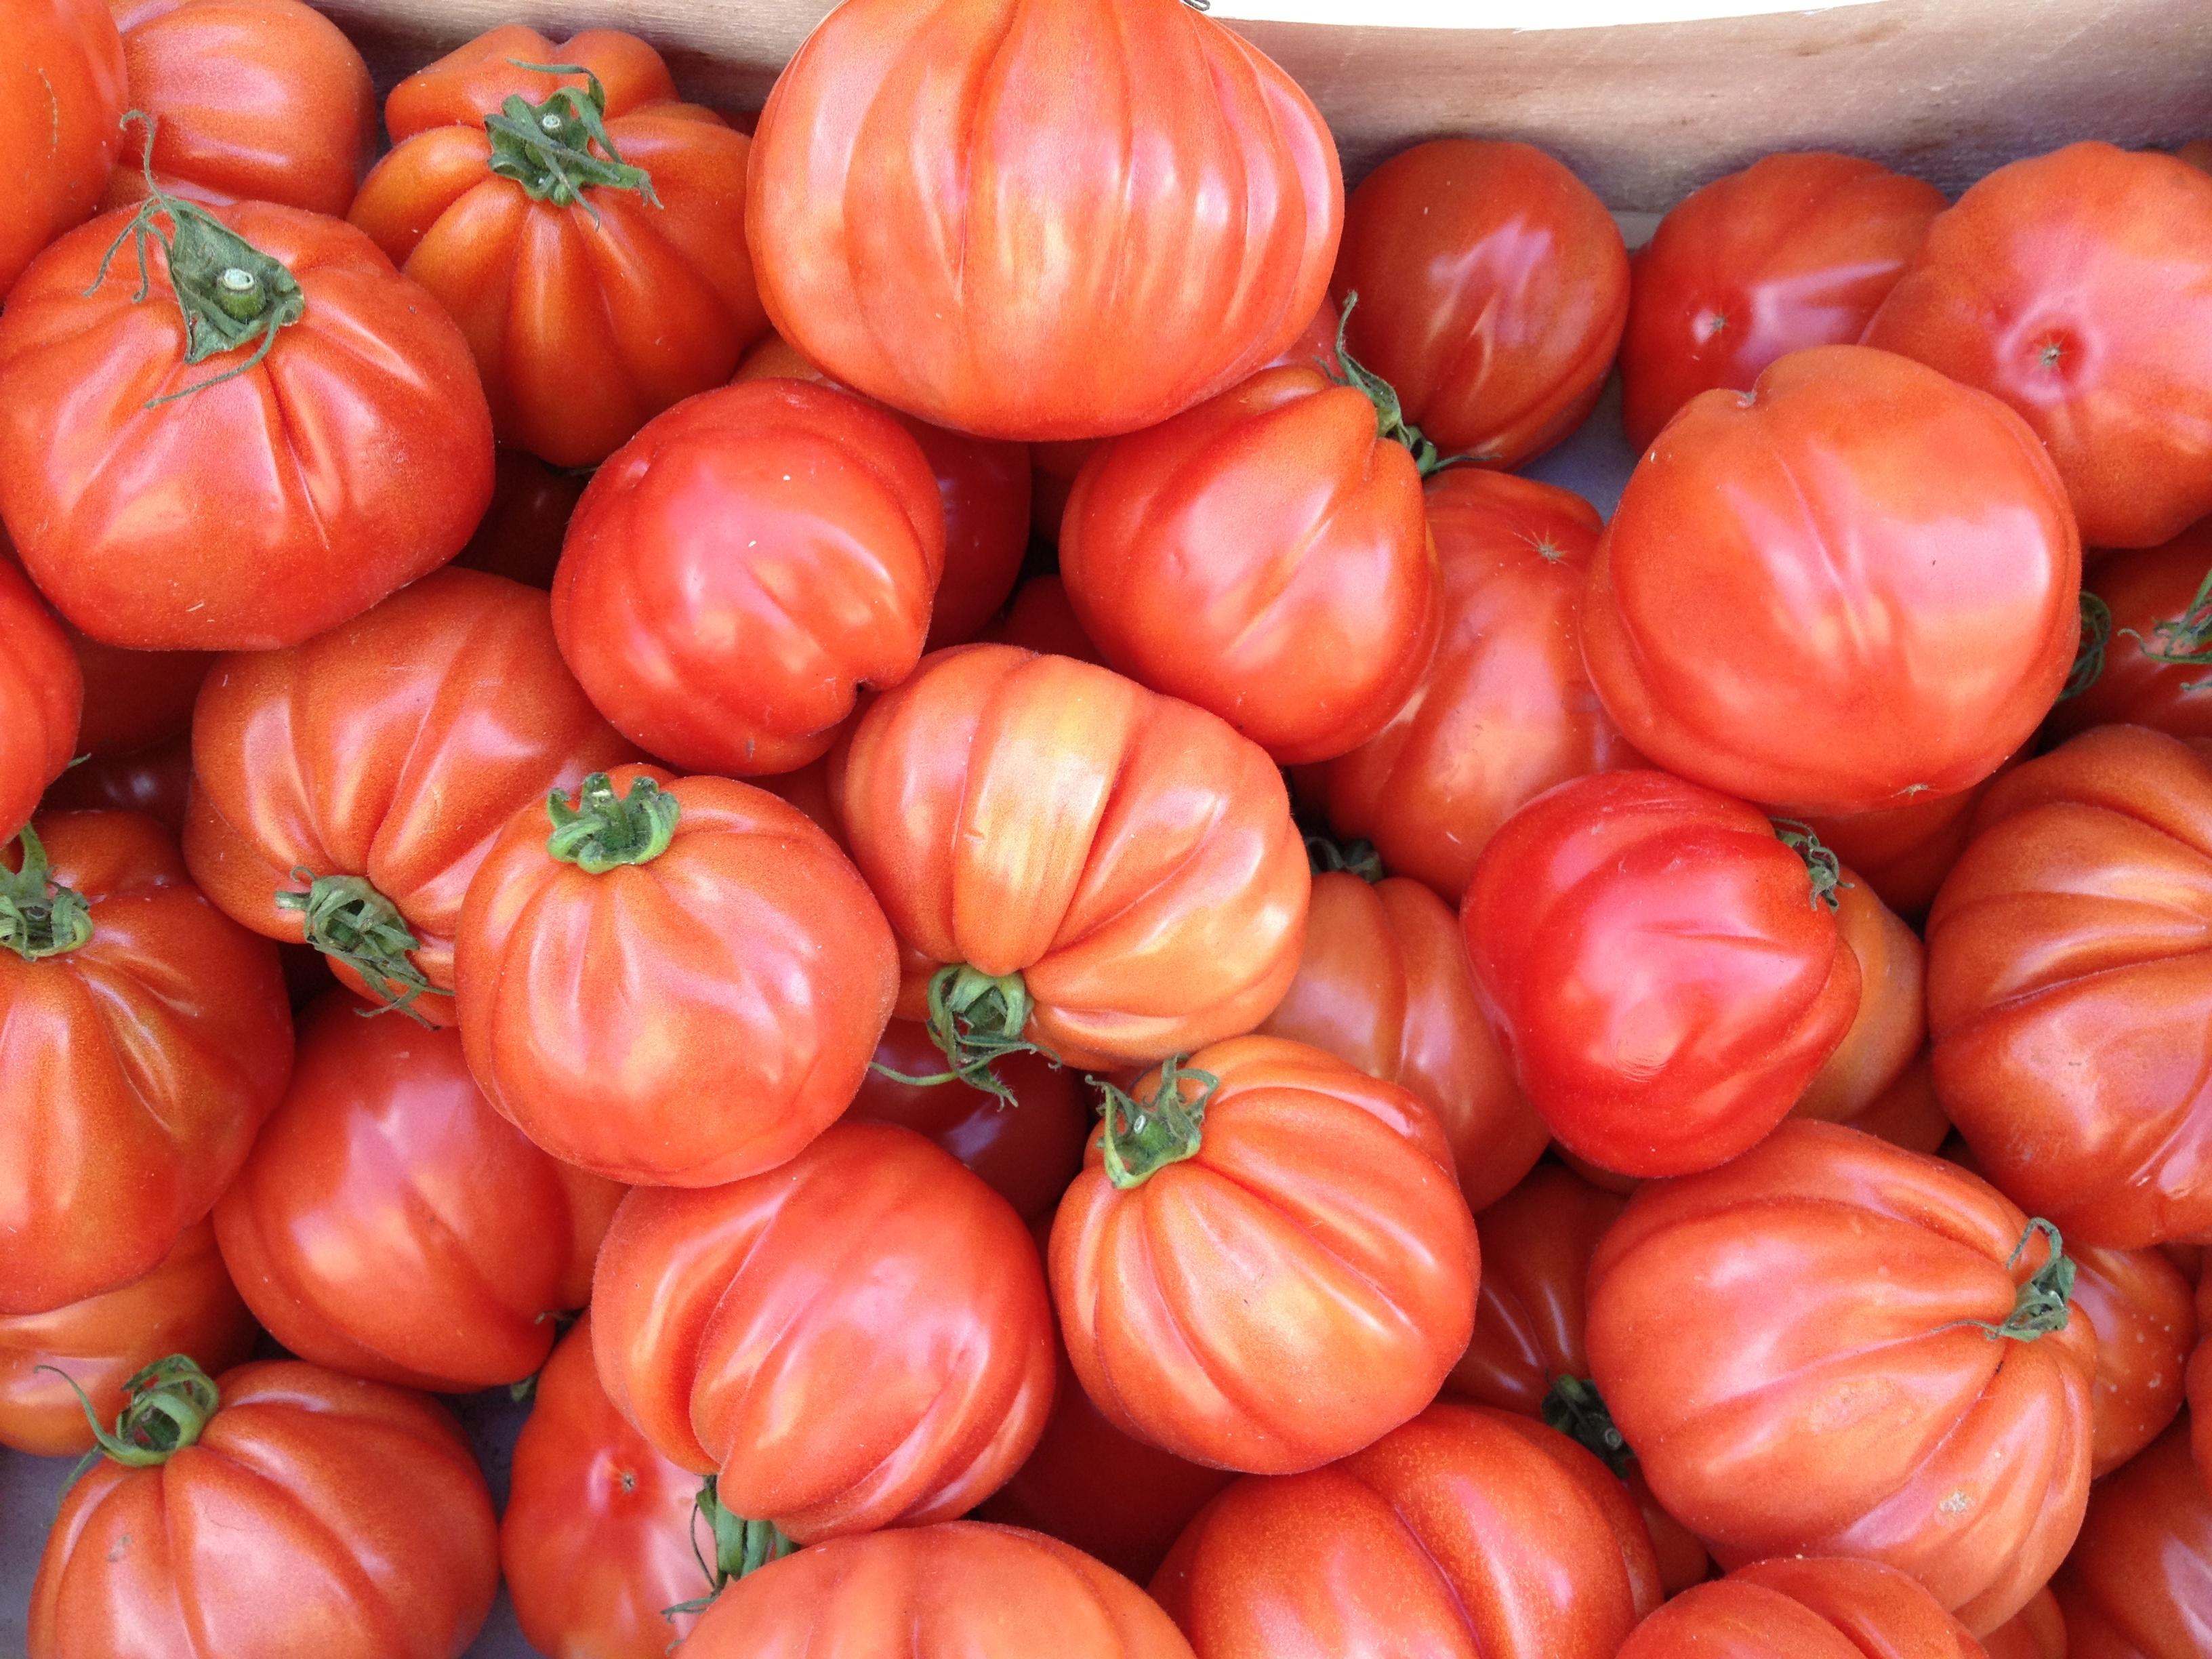 con bambas a lo loco toma tomate t malo 10 razones por las que el tomate es el mejor alimento. Black Bedroom Furniture Sets. Home Design Ideas